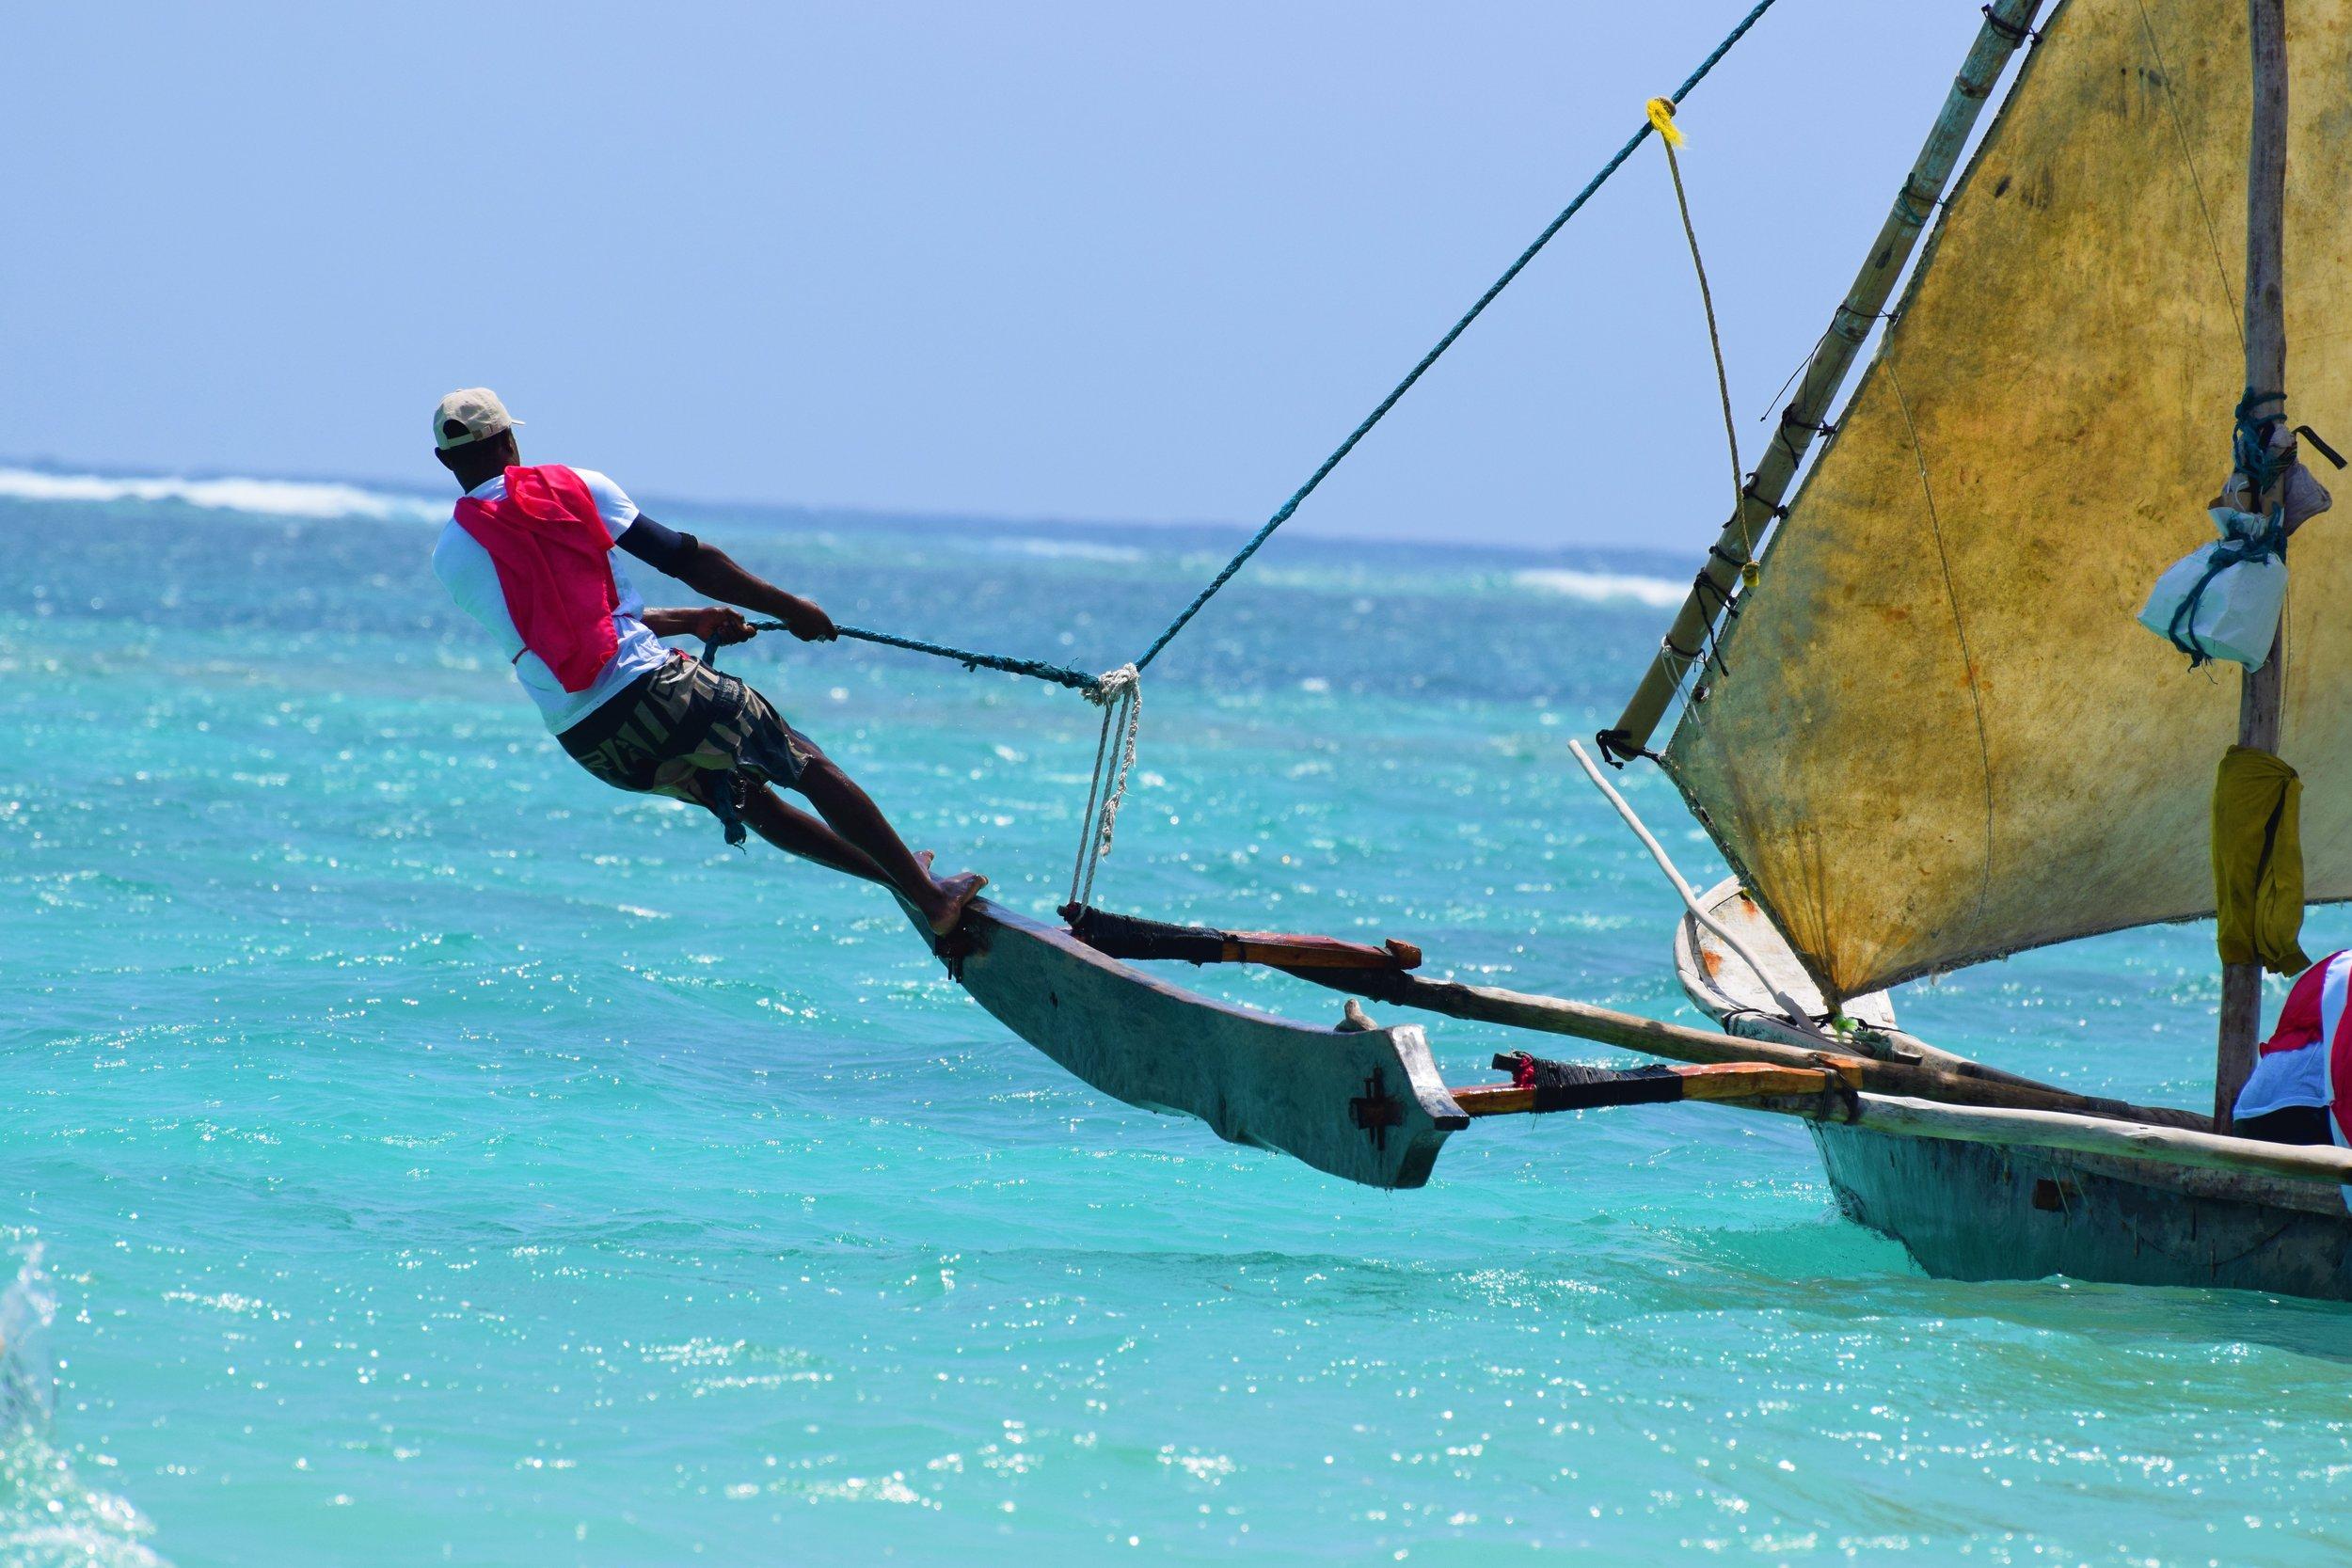 edging hard diani regatta kenya